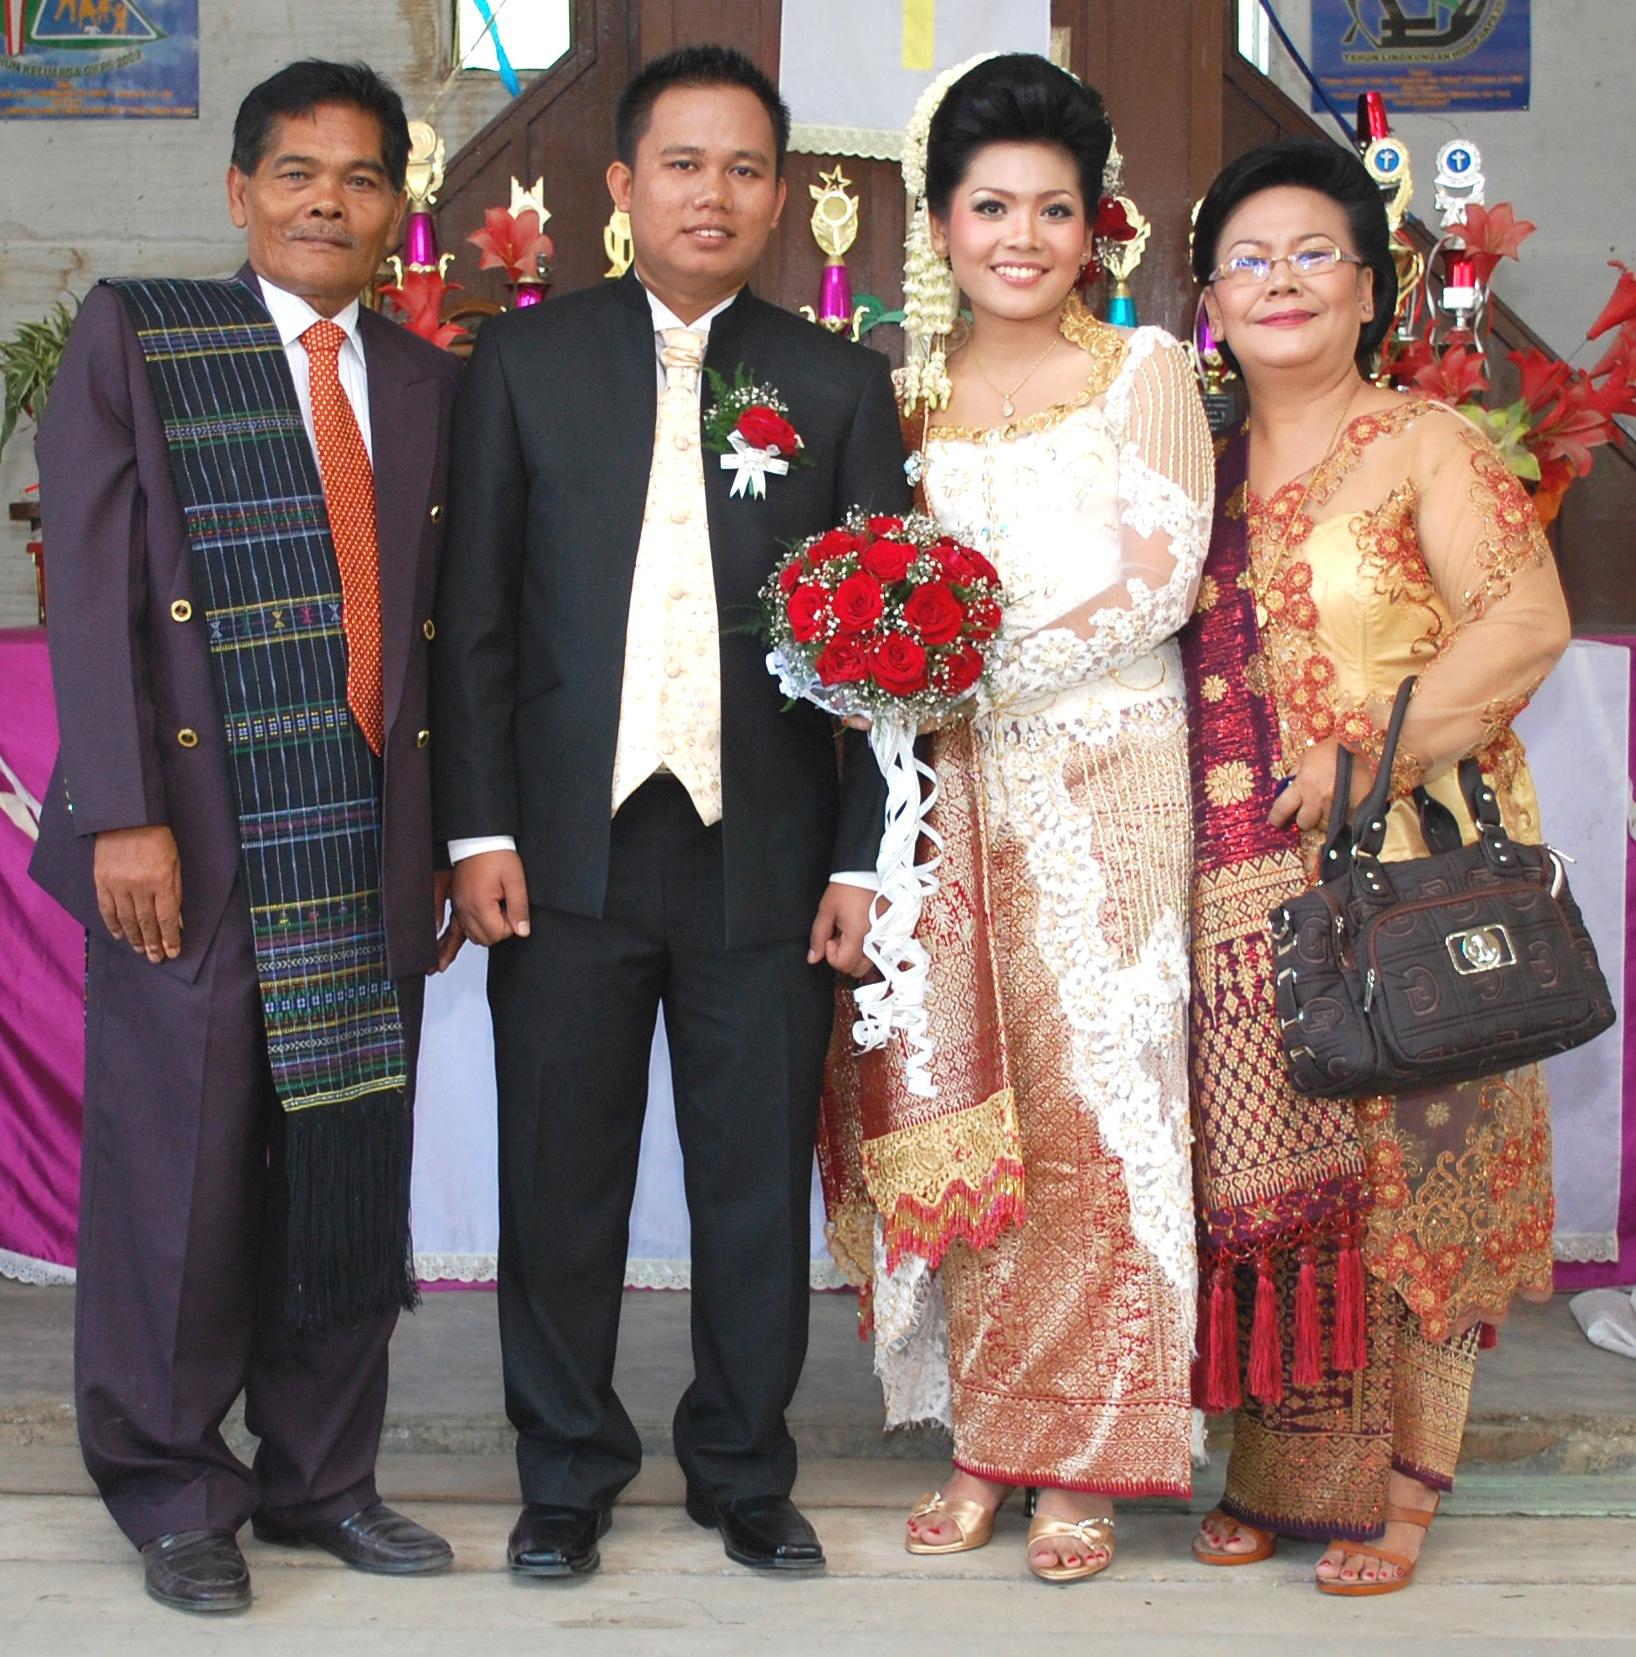 Batak Hebat Proses Pernikahan Masyarakat Batak